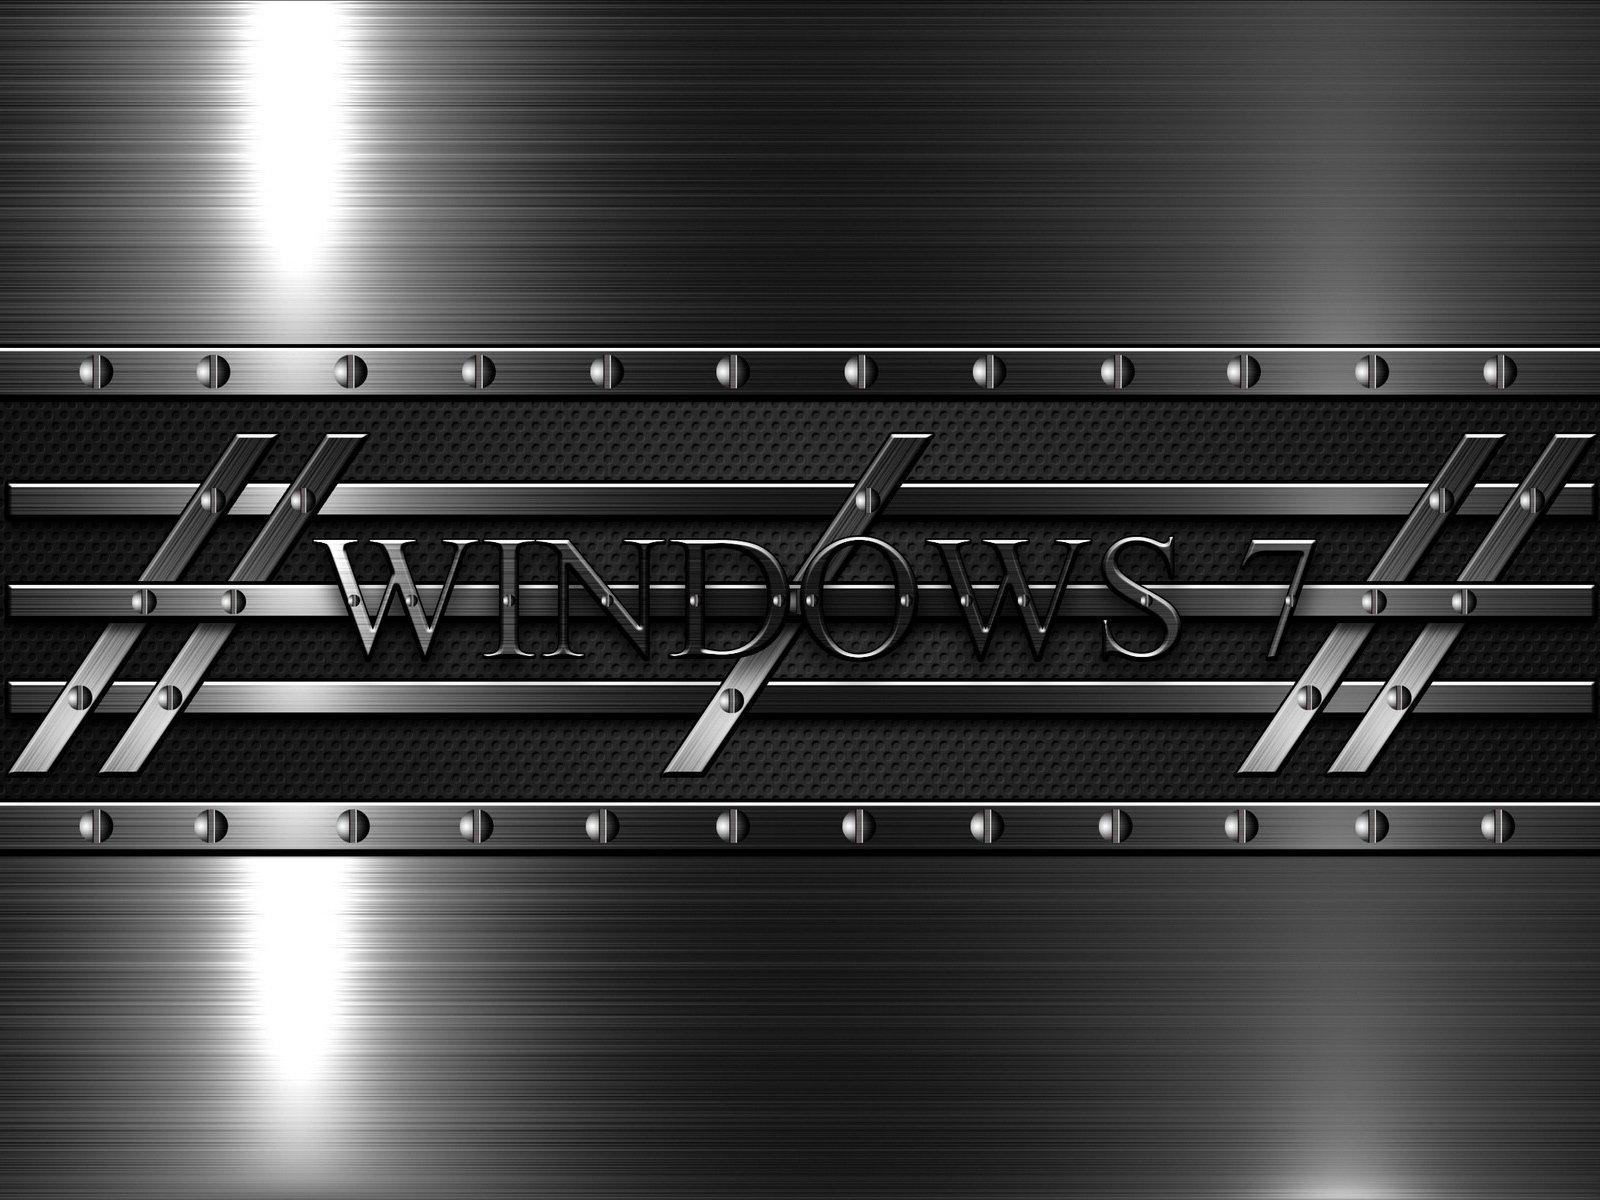 تحميل برنامج تشغيل الكاميرا ويندوز 7 مجانا